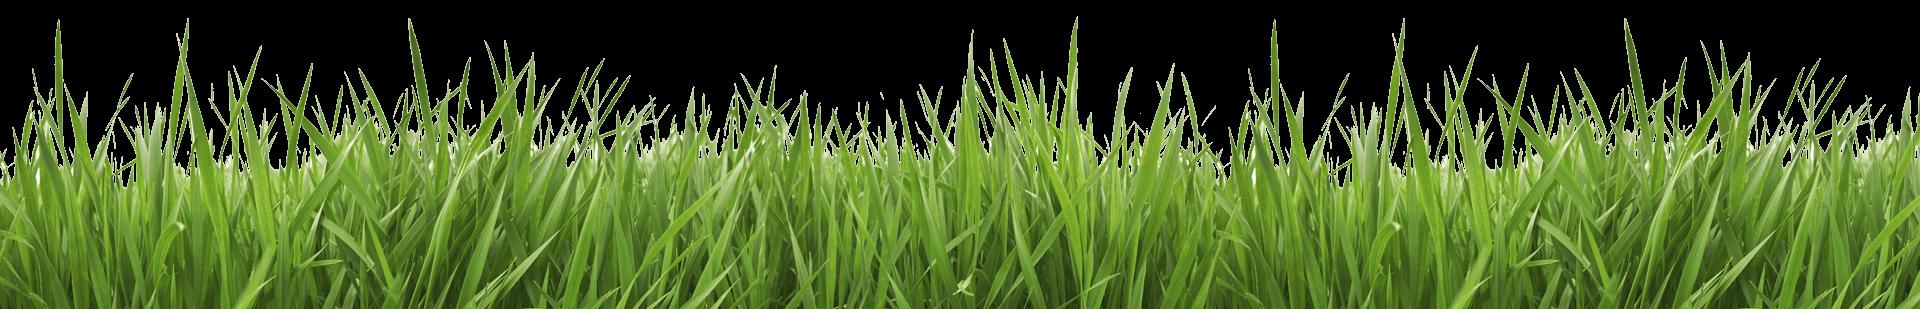 Pro edge lawn care. Clipart grass fungus